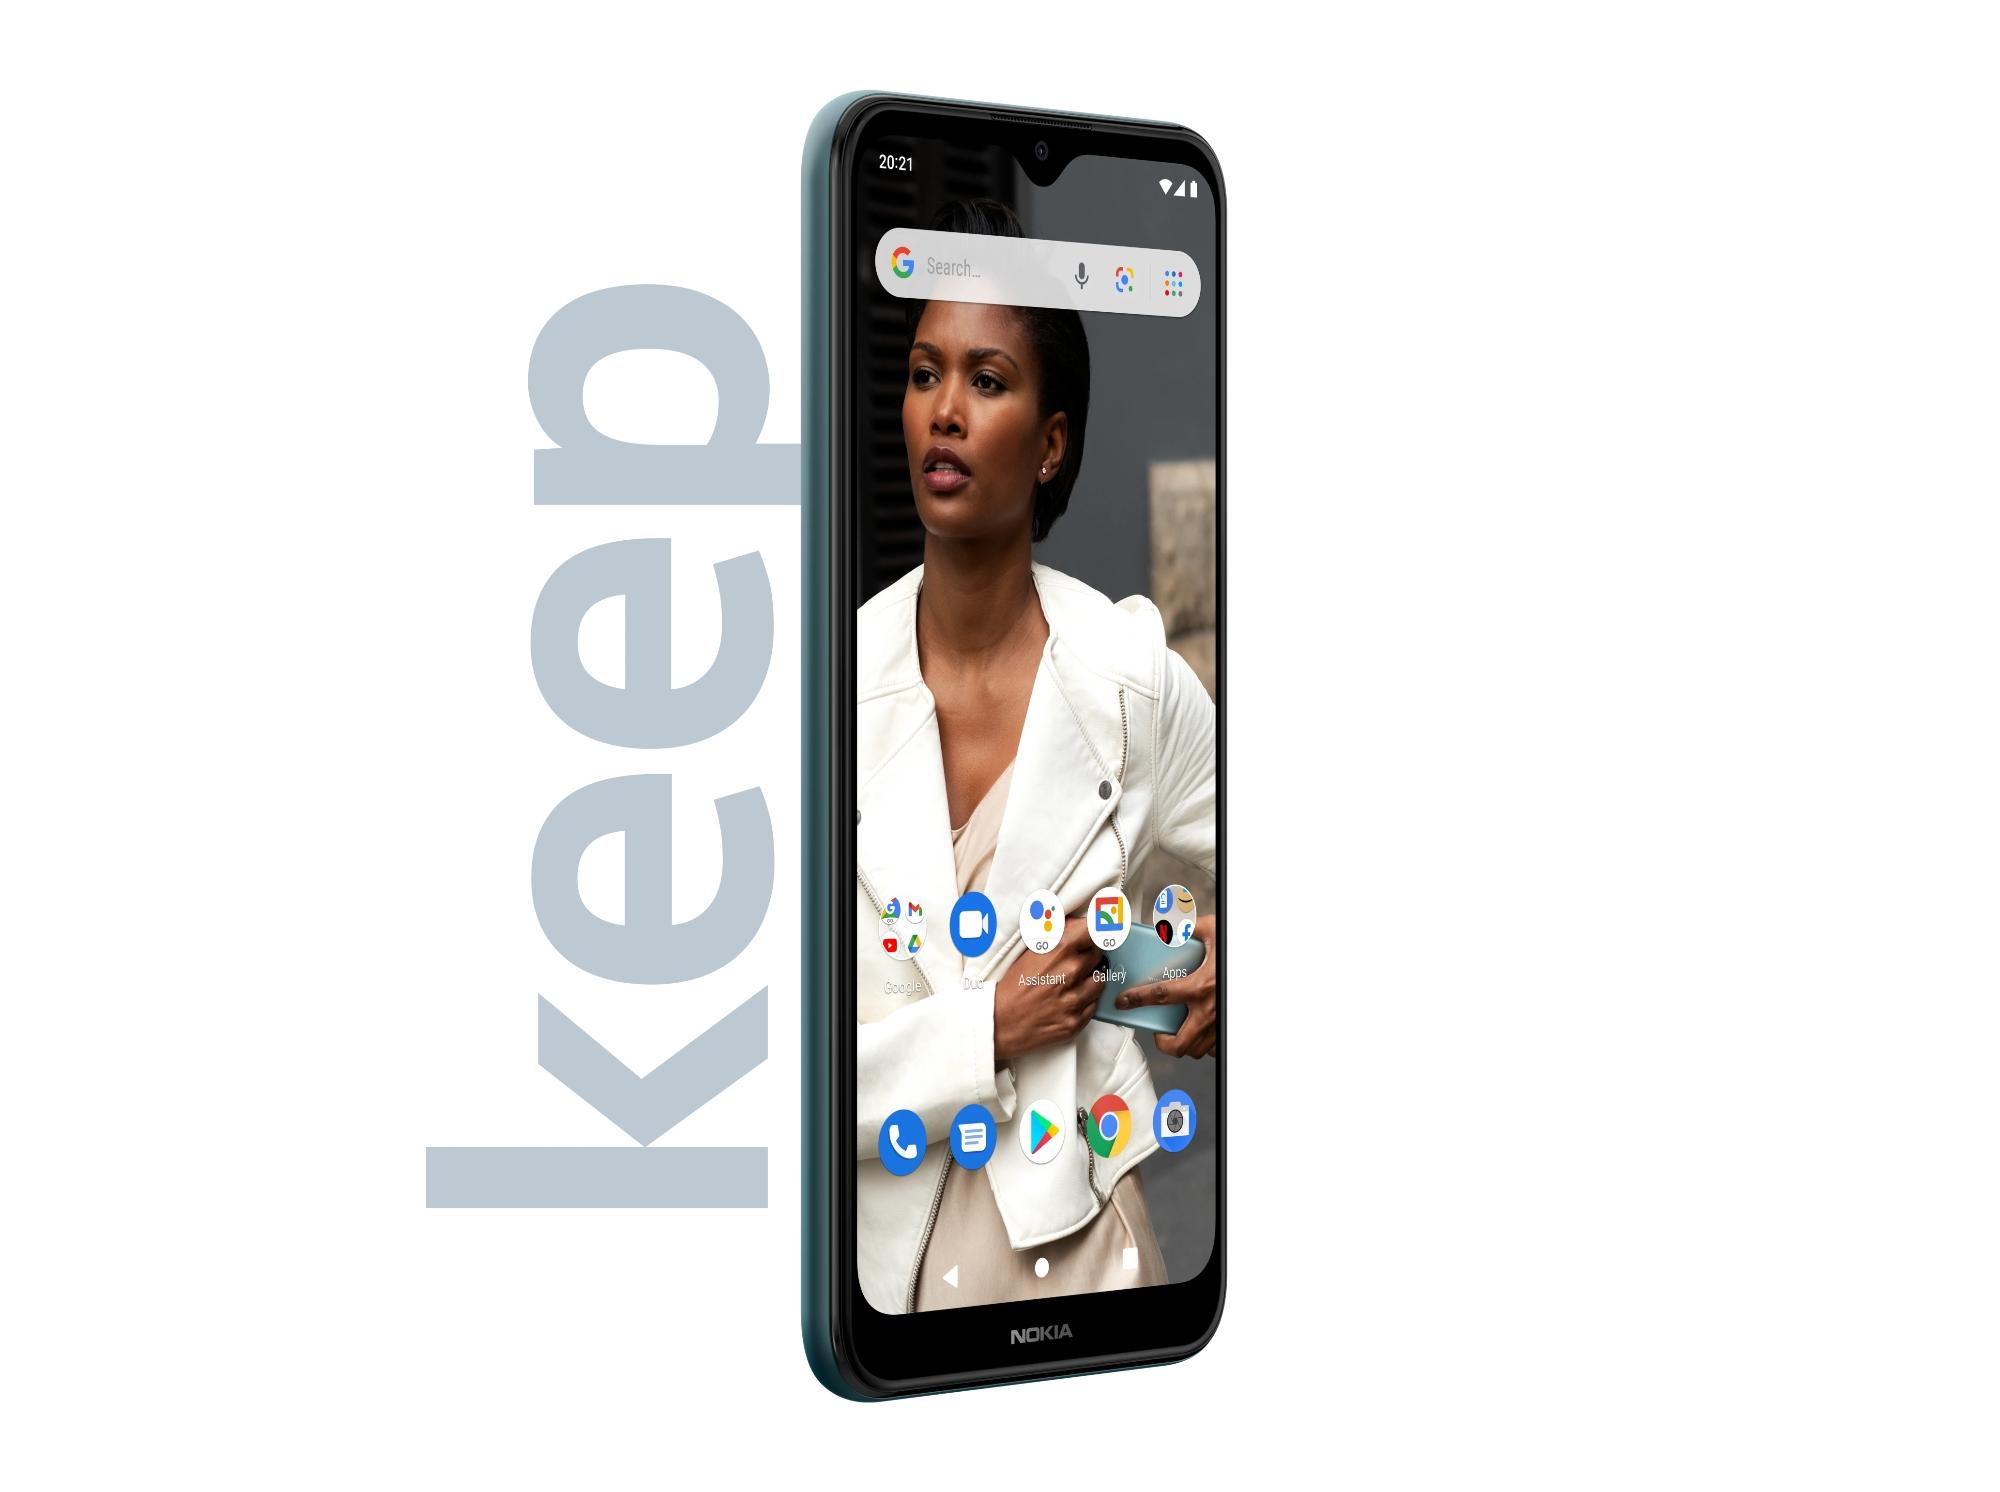 Nokia C30: ультрабюджетный смартфон с двойной камерой, батареей на 6000 мАч и Android 11 Go Edition на борту